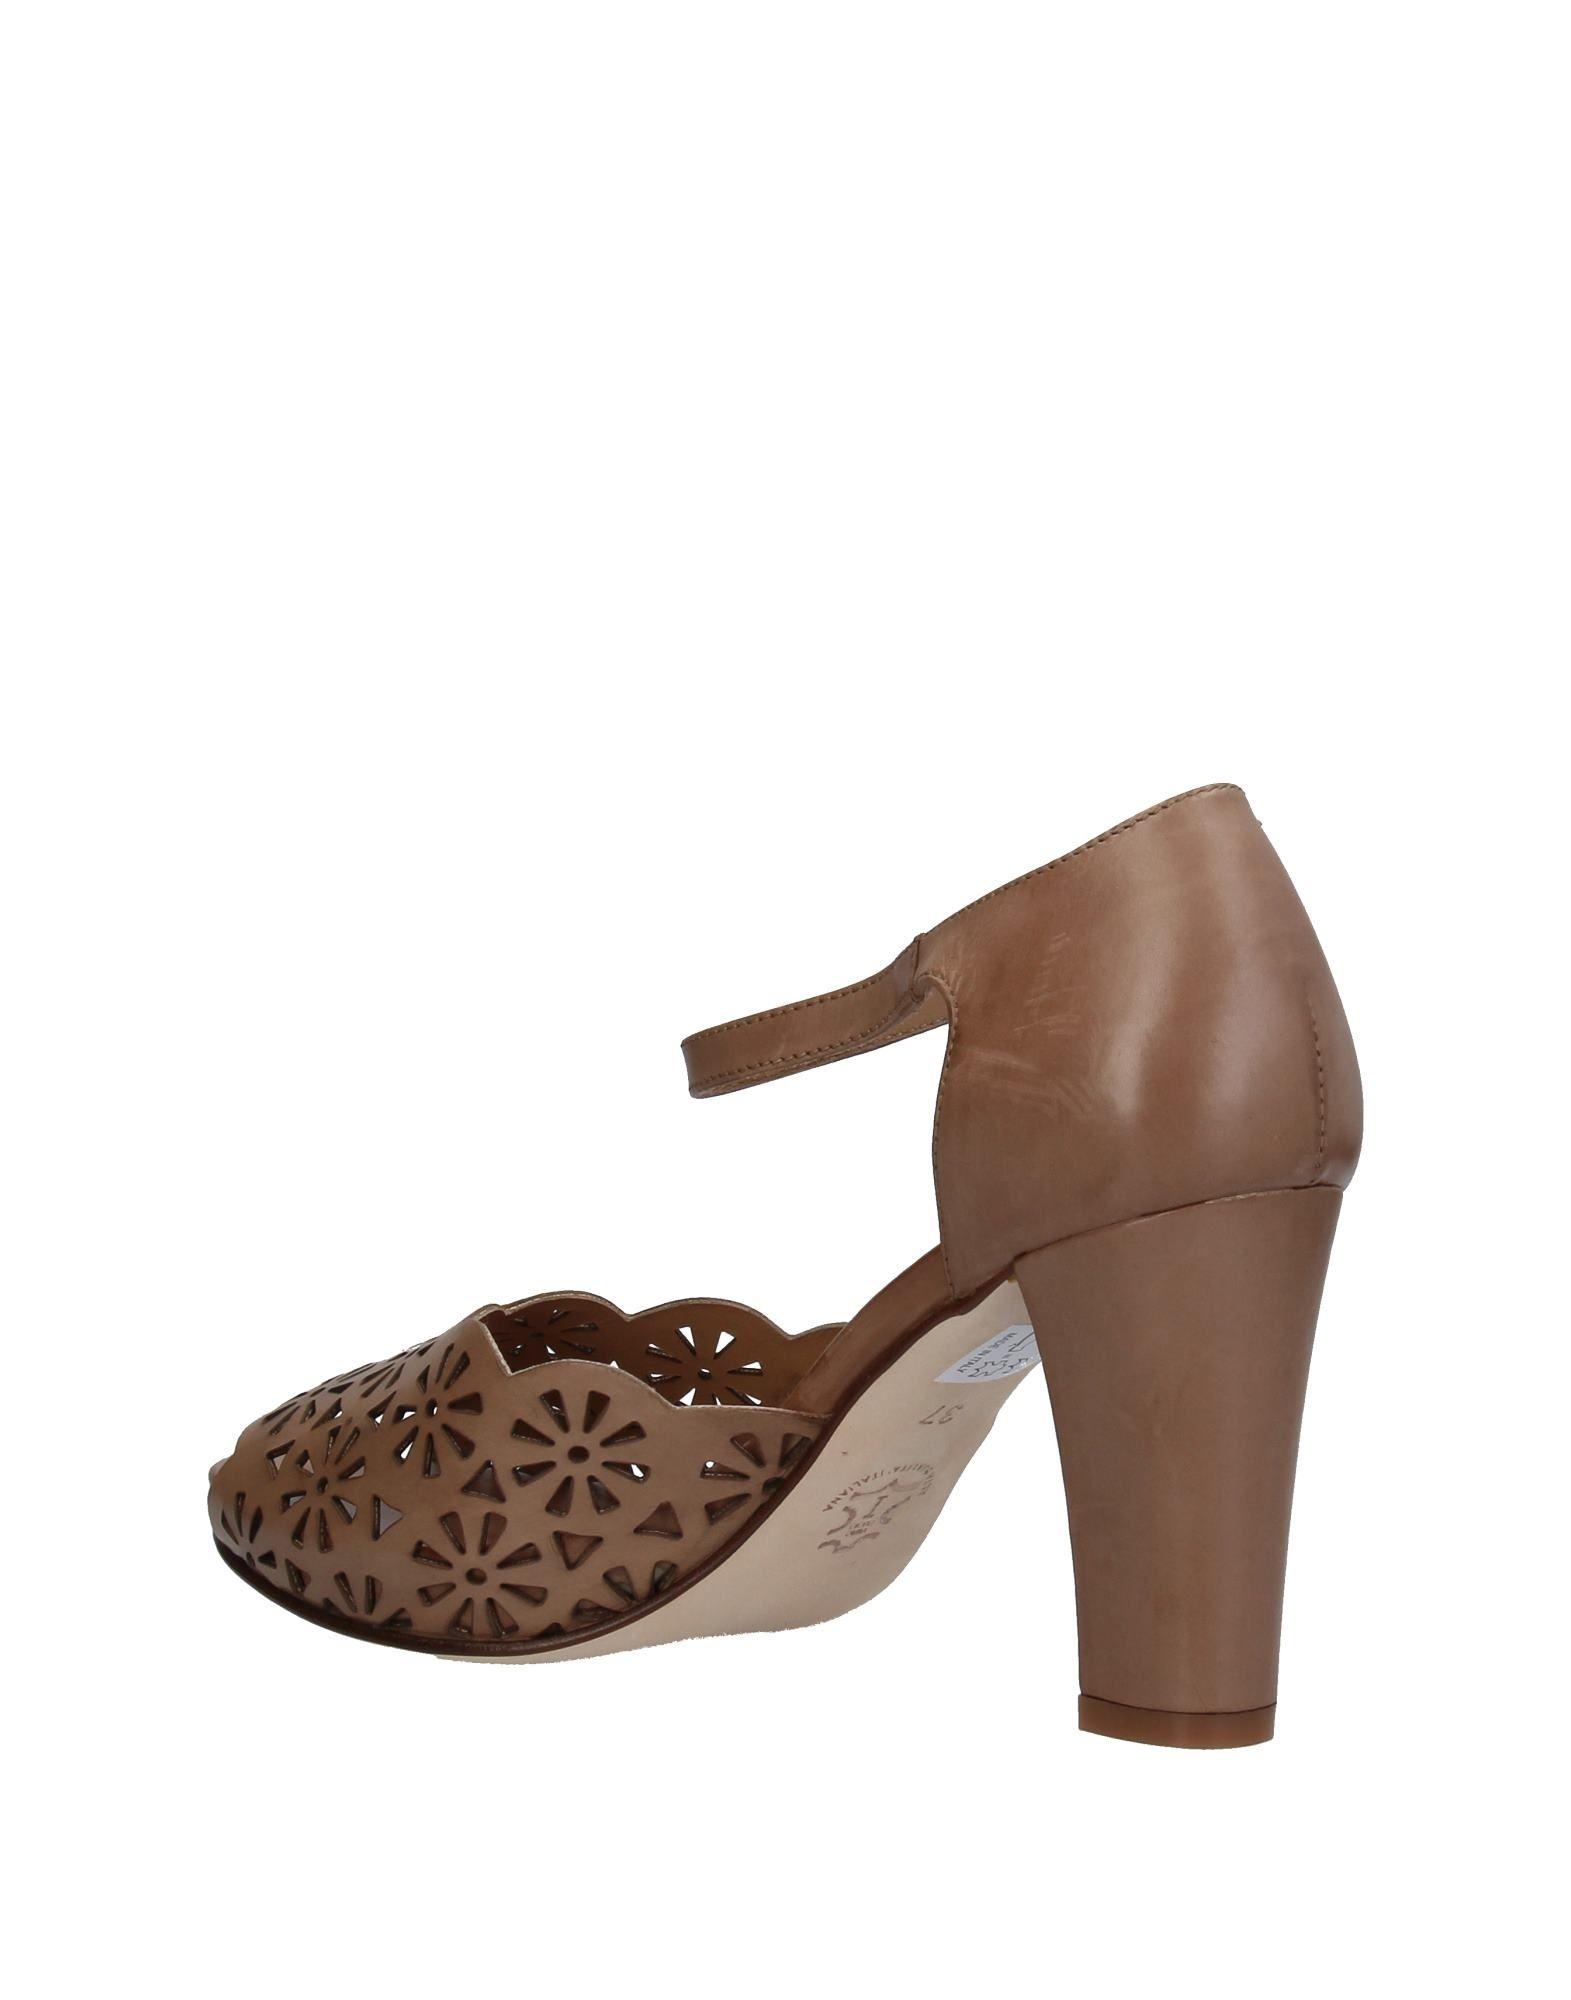 Sandales Calpierre Femme - Sandales Calpierre sur